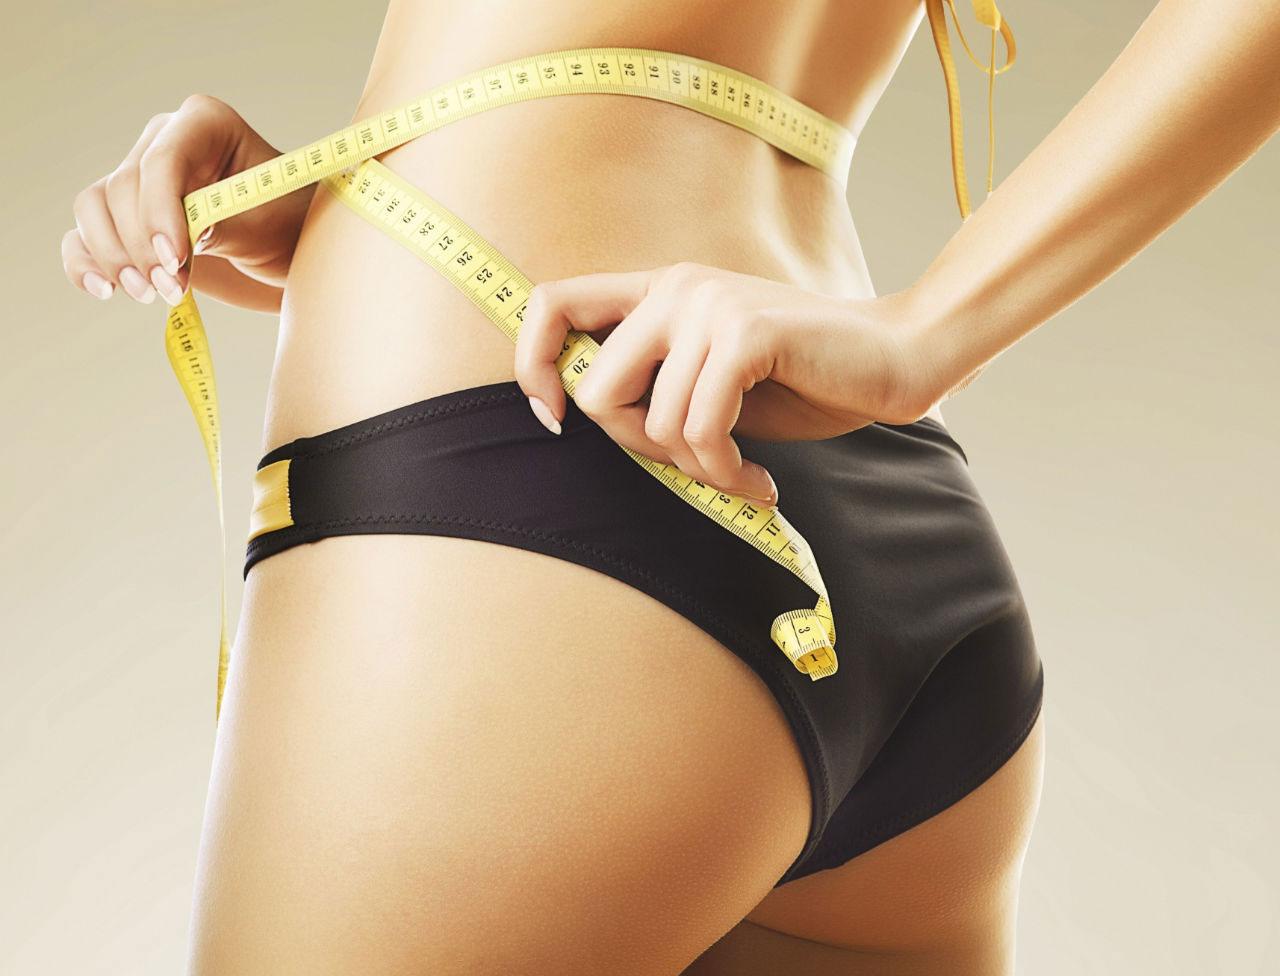 hypnose pour maigrir ou perte de poids rapide , ça marche ?